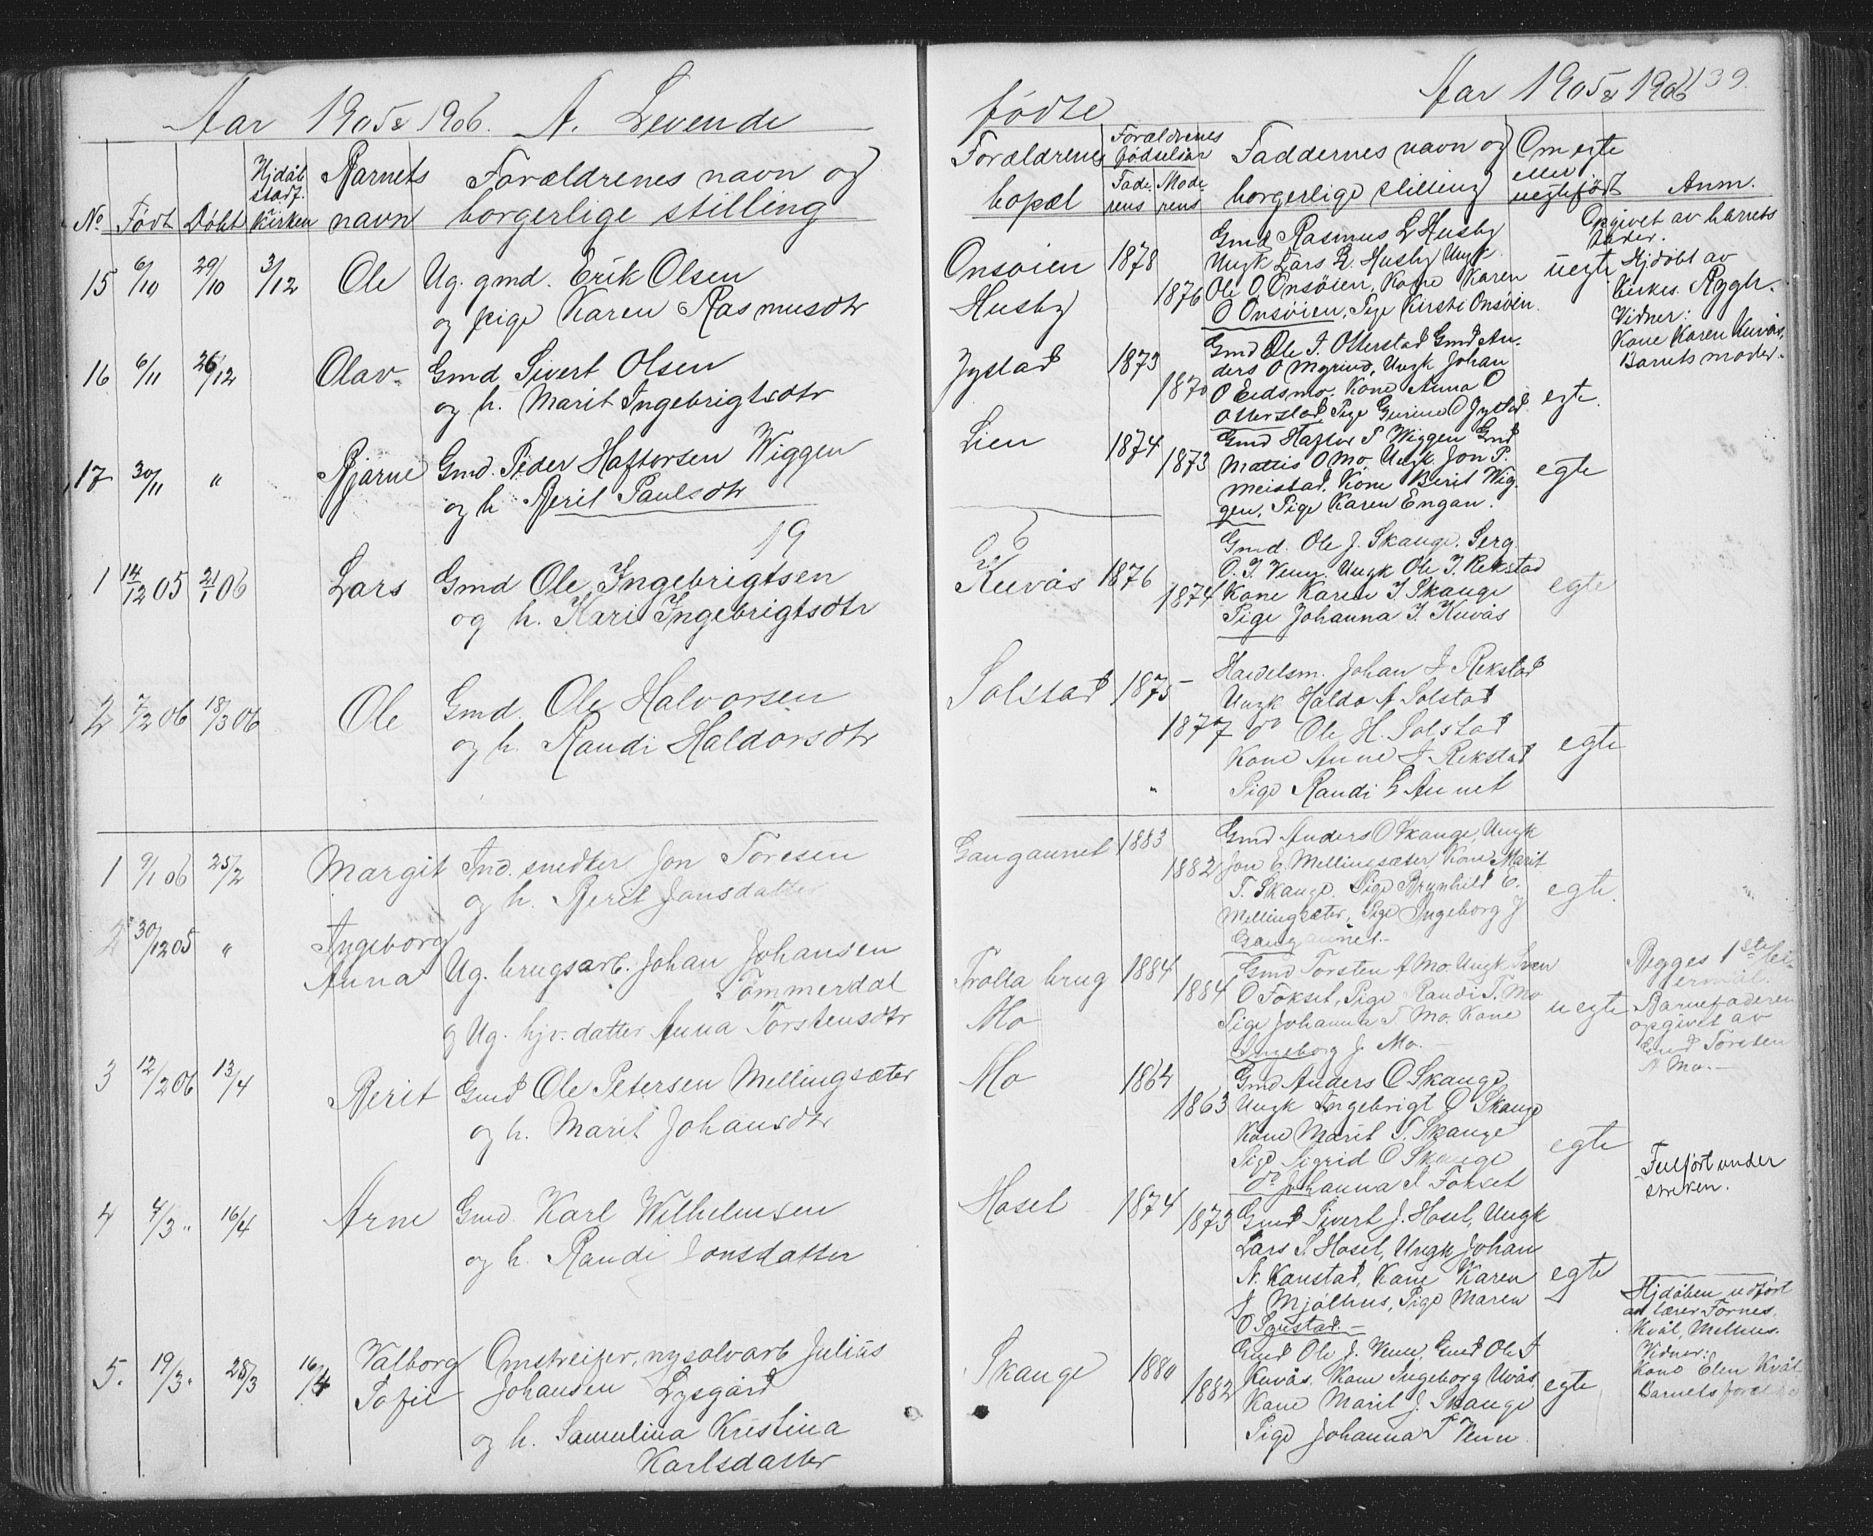 SAT, Ministerialprotokoller, klokkerbøker og fødselsregistre - Sør-Trøndelag, 667/L0798: Klokkerbok nr. 667C03, 1867-1929, s. 139